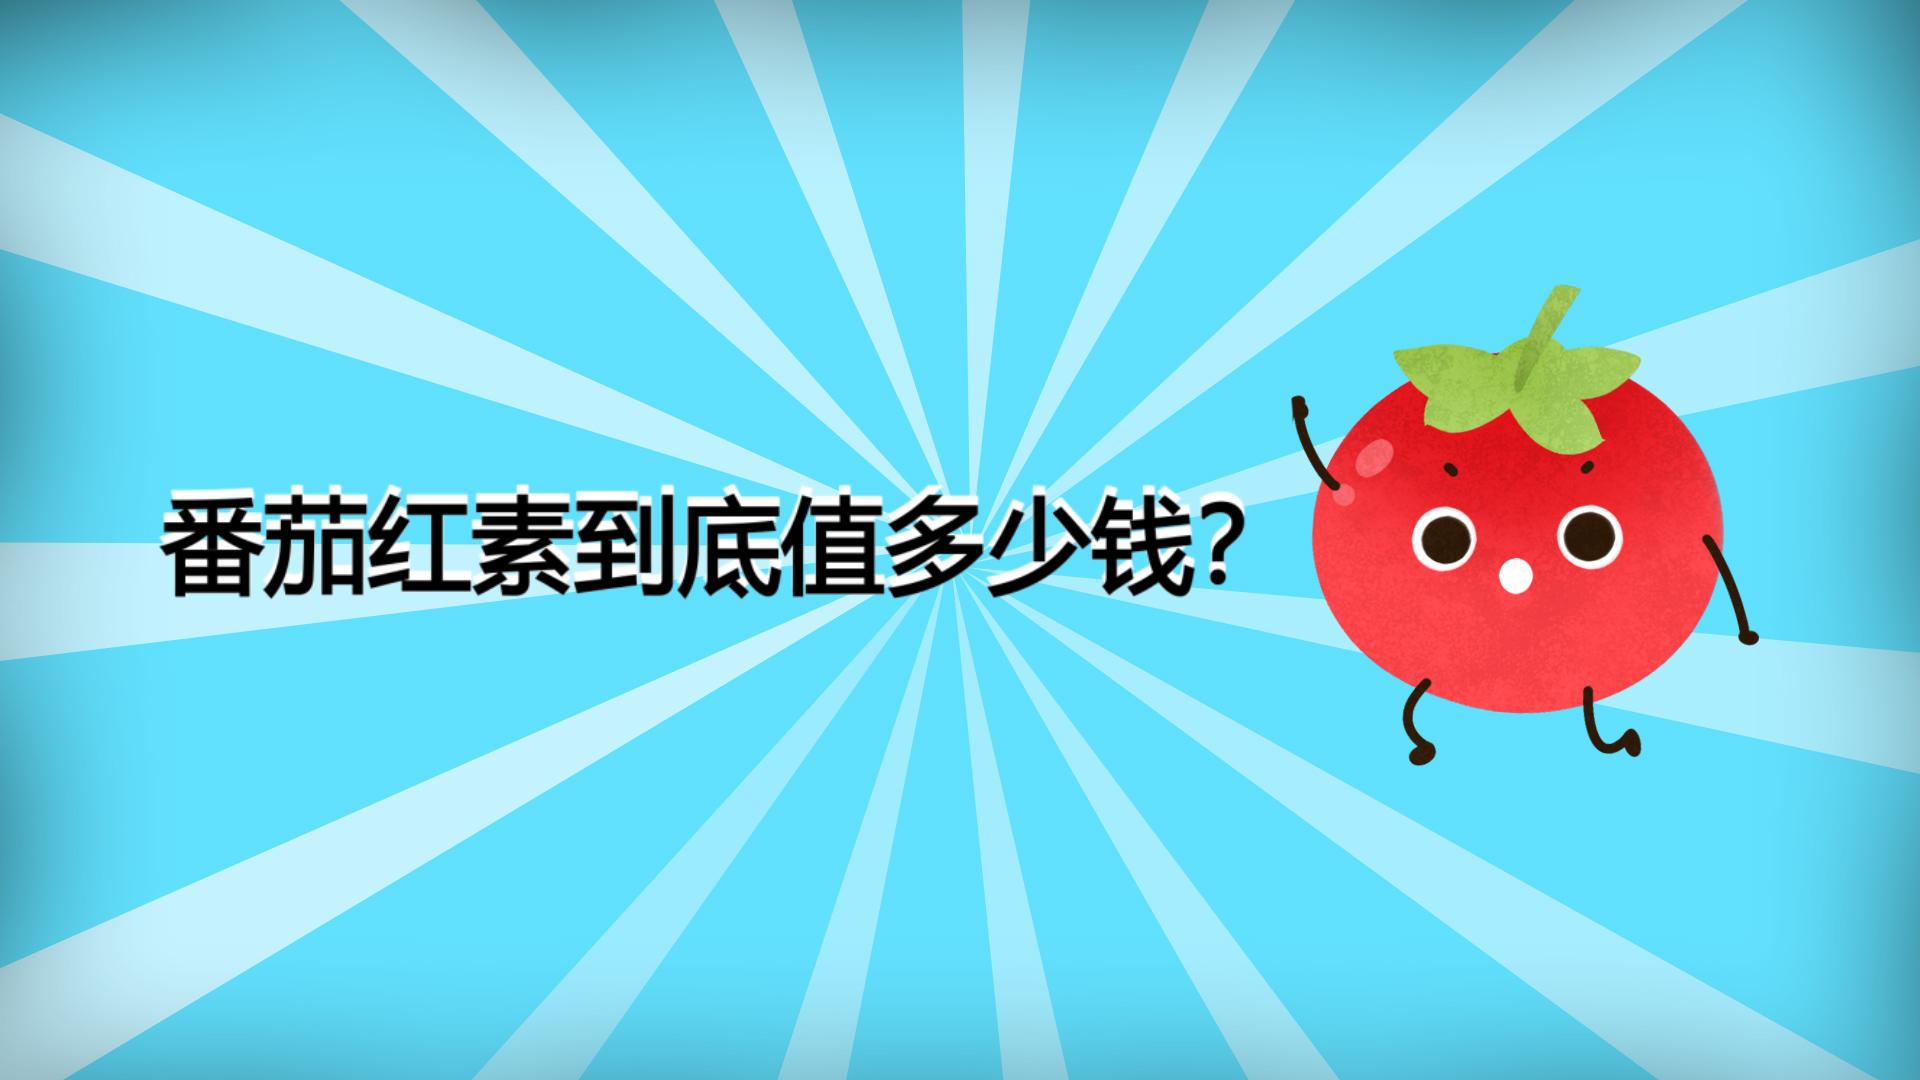 番茄红素到底值多少钱?为什么有些番茄红素那么贵?【一分钟小科普】